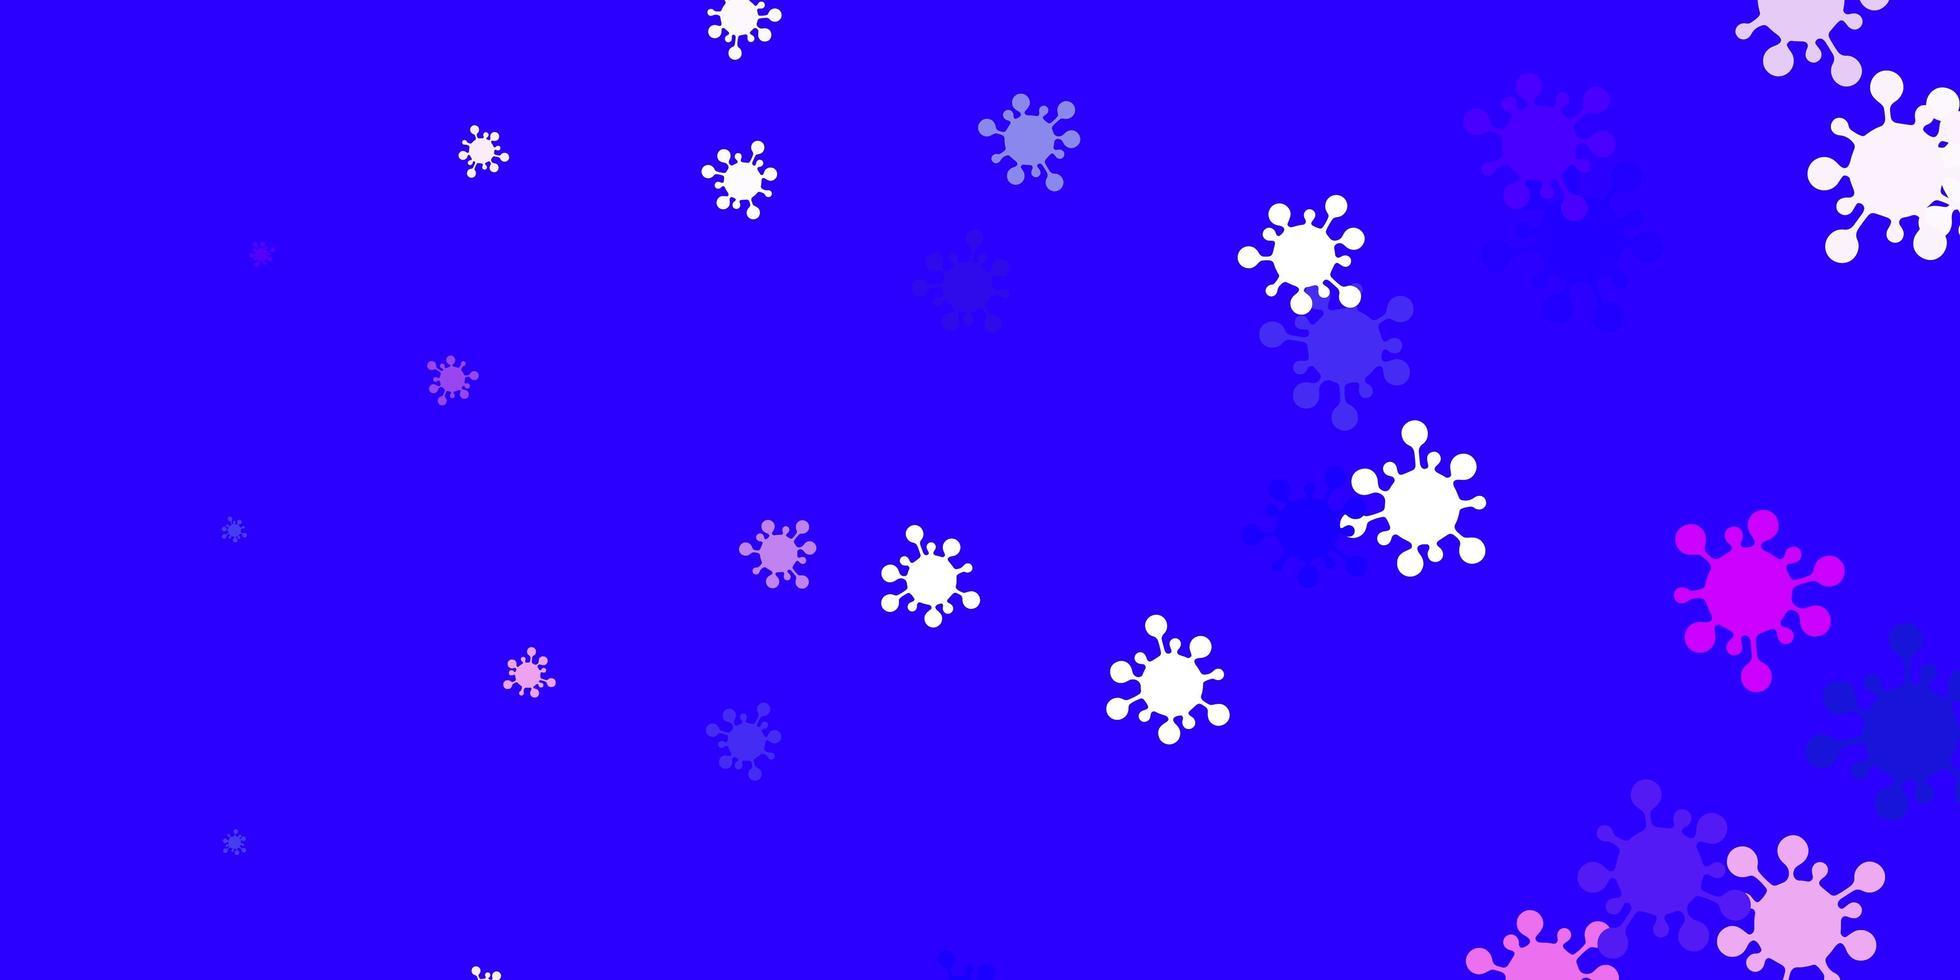 blauwe achtergrond met covid-19 symbolen. vector